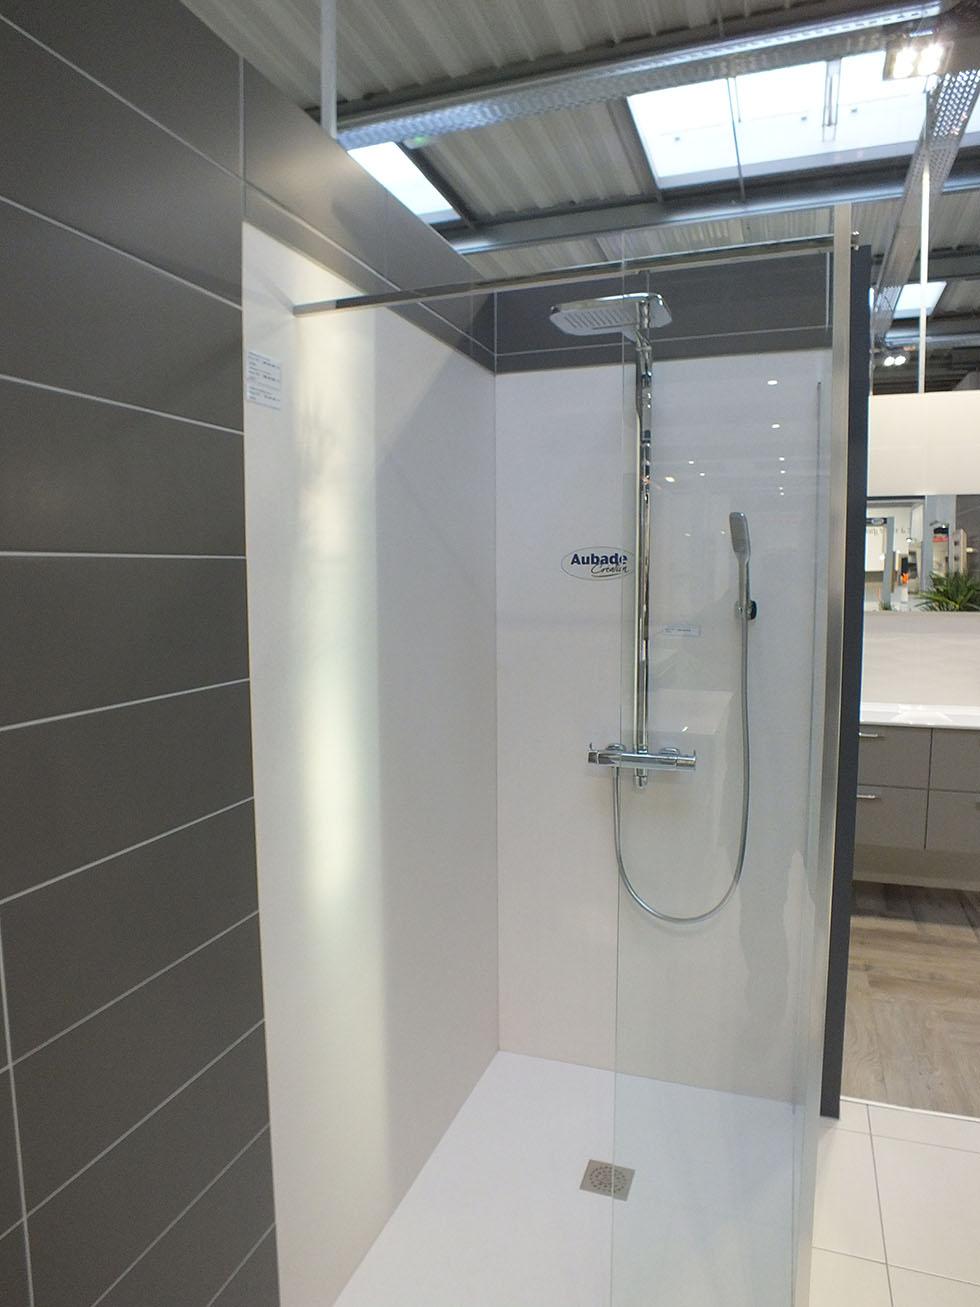 Aubade Salle De Bain Reims ~ aubade salle de bain rennes aubade salle de bain pithiviers vitry